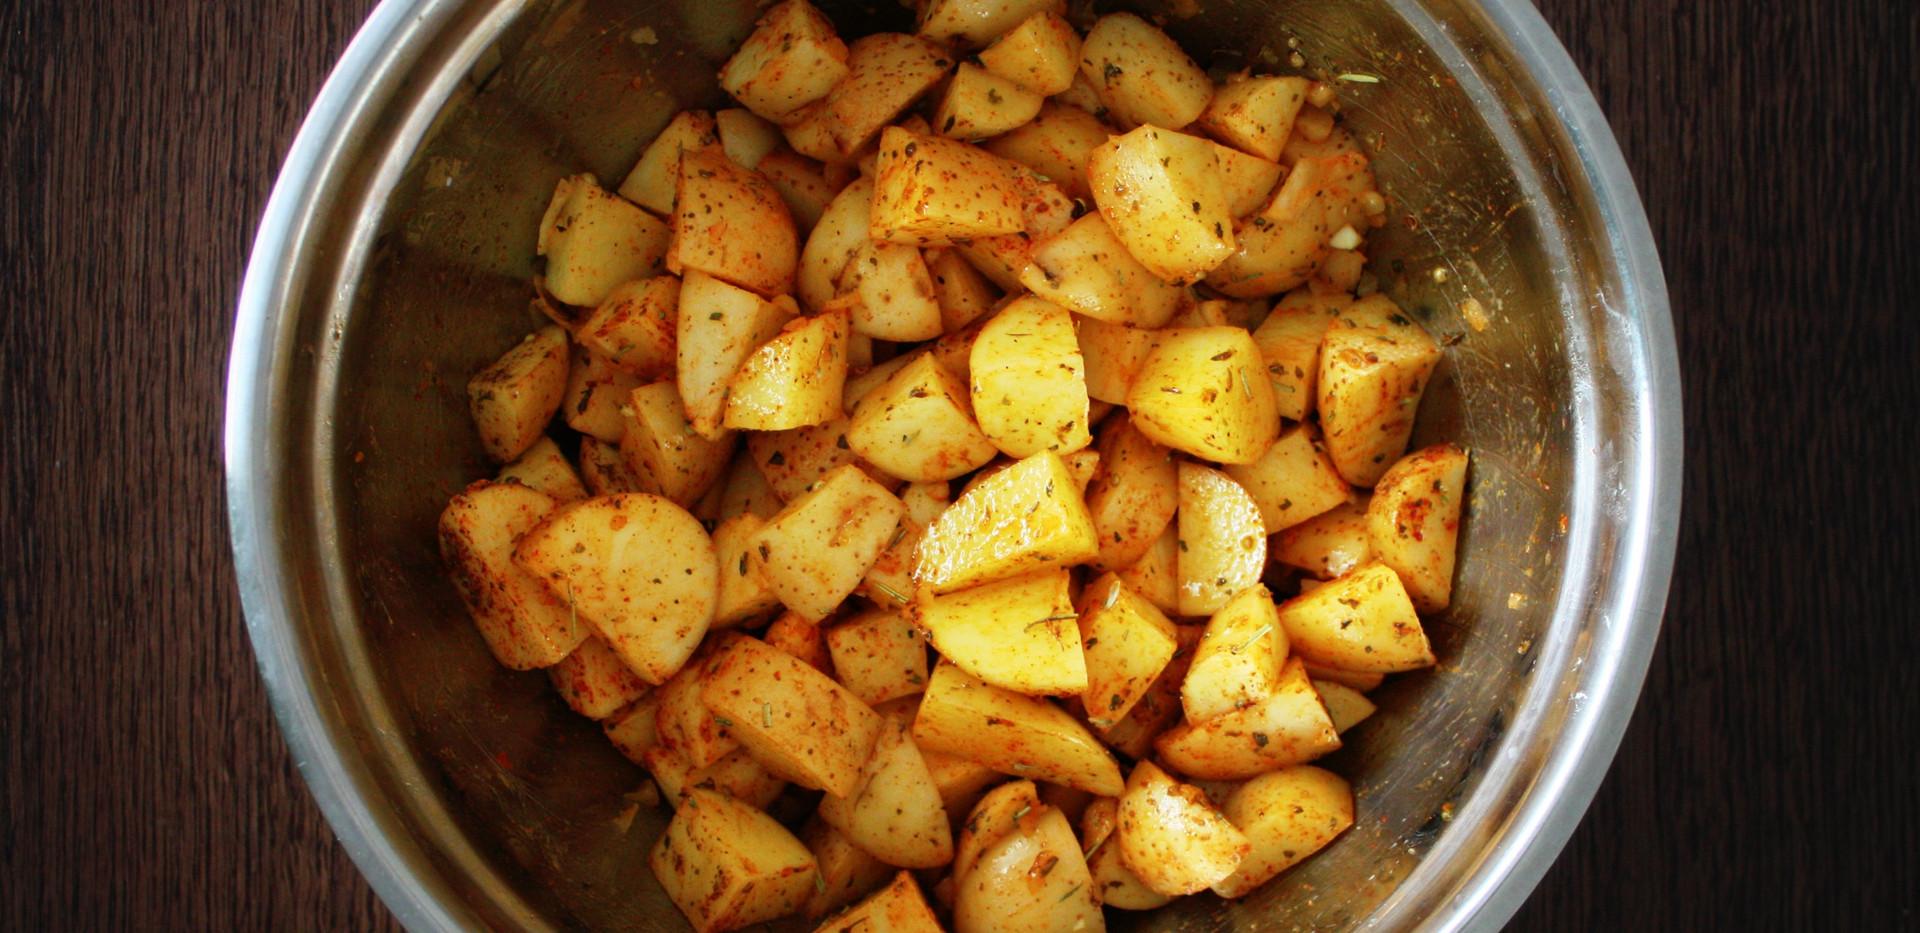 cut potatoes Lomo.jpg